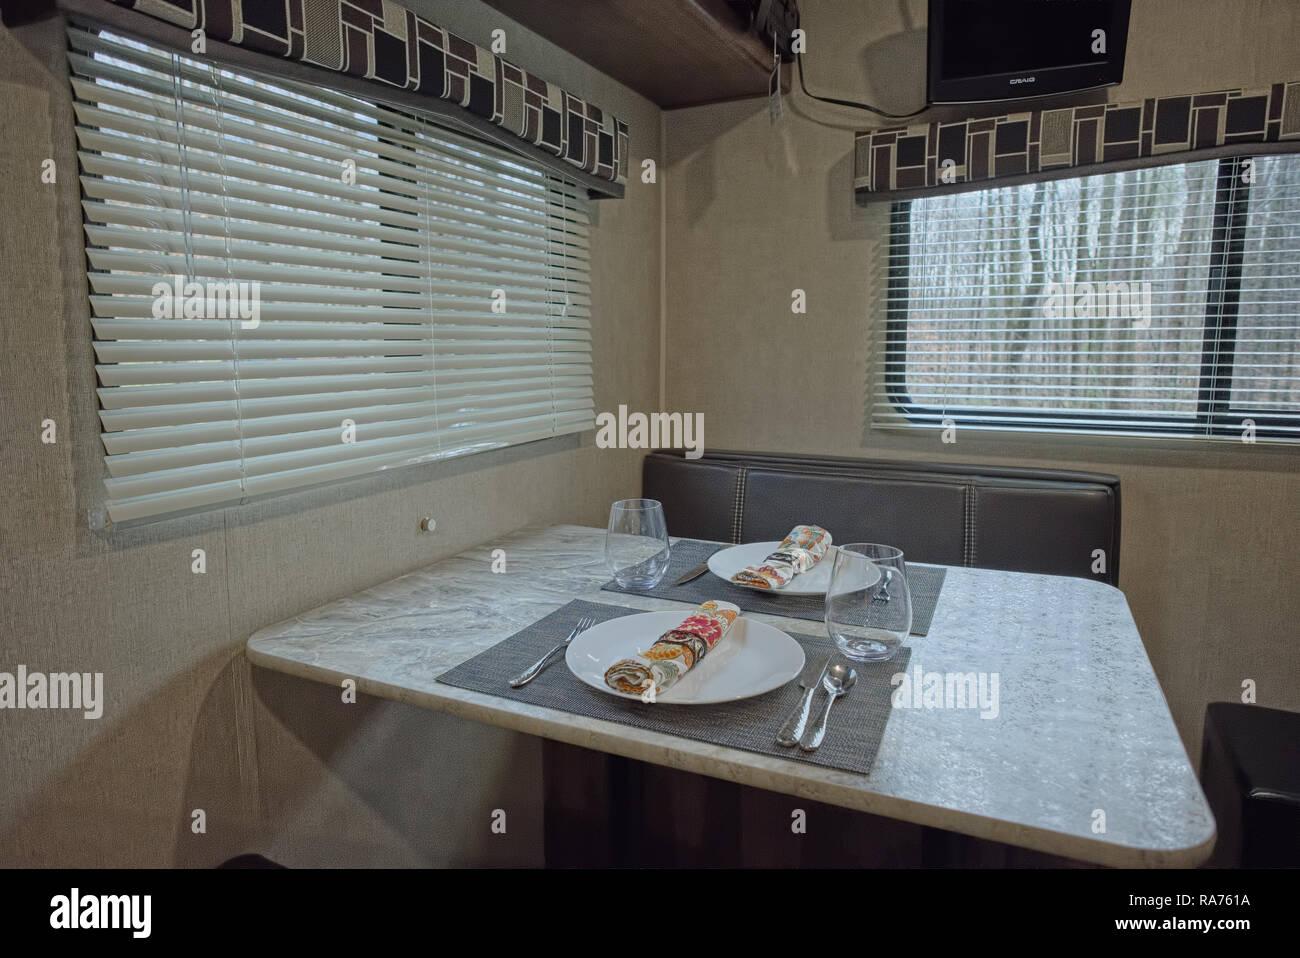 À l'intérieur set table RV roulottes de voyage. Table à manger en camping-RV Photo Stock